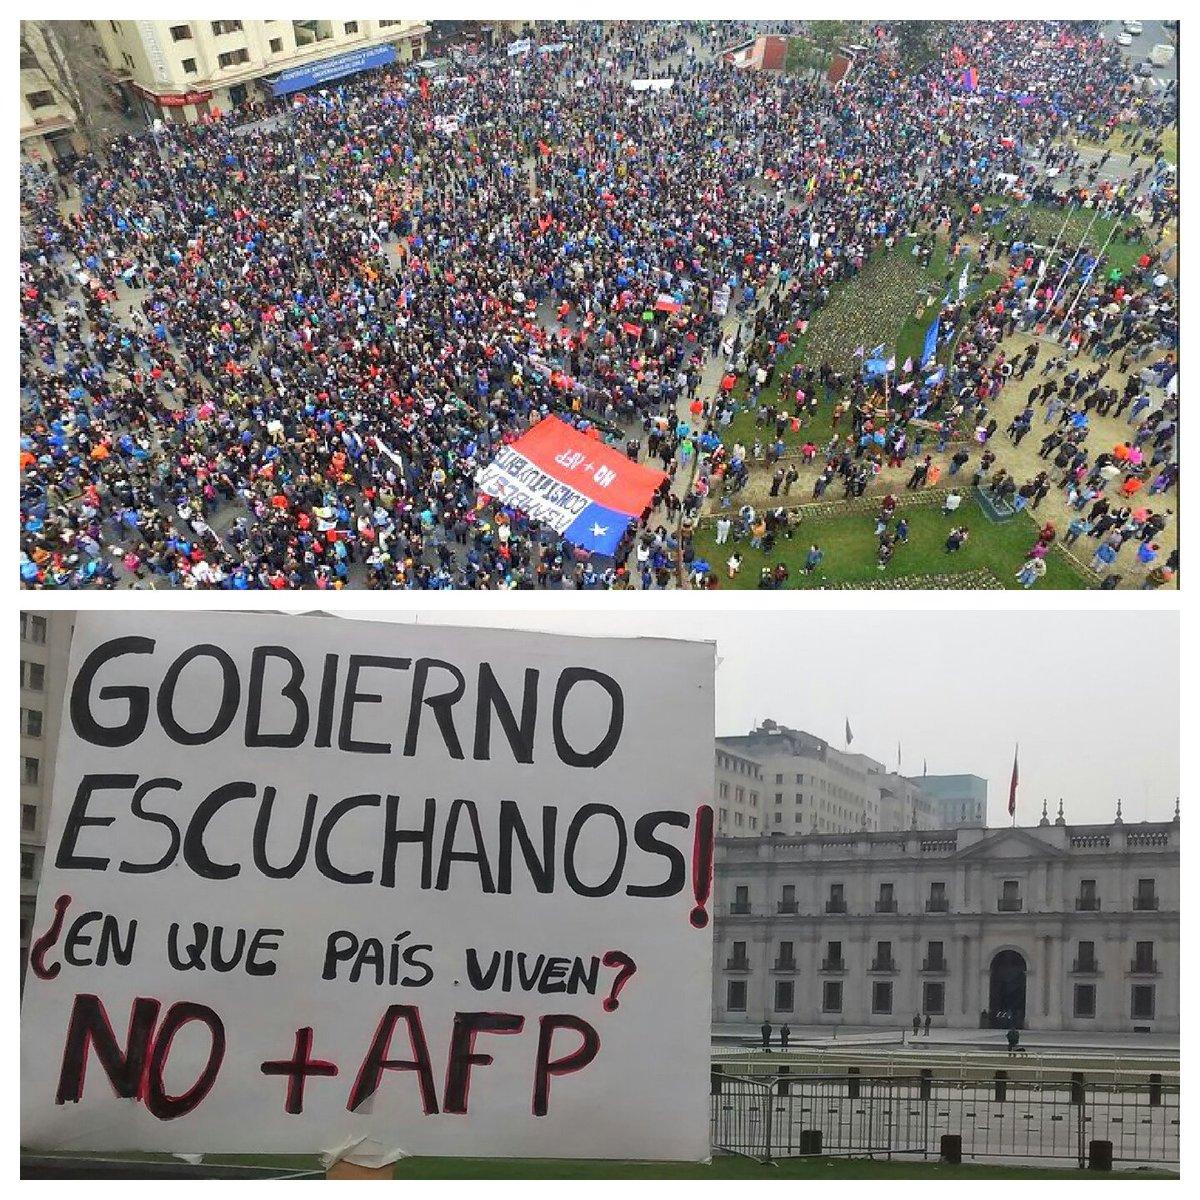 Eliges ser político pero NO escuchas a la gente. Tus urgencias son otras. #PensionesDignas #SaludDigna https://t.co/V1b3FGuh4x